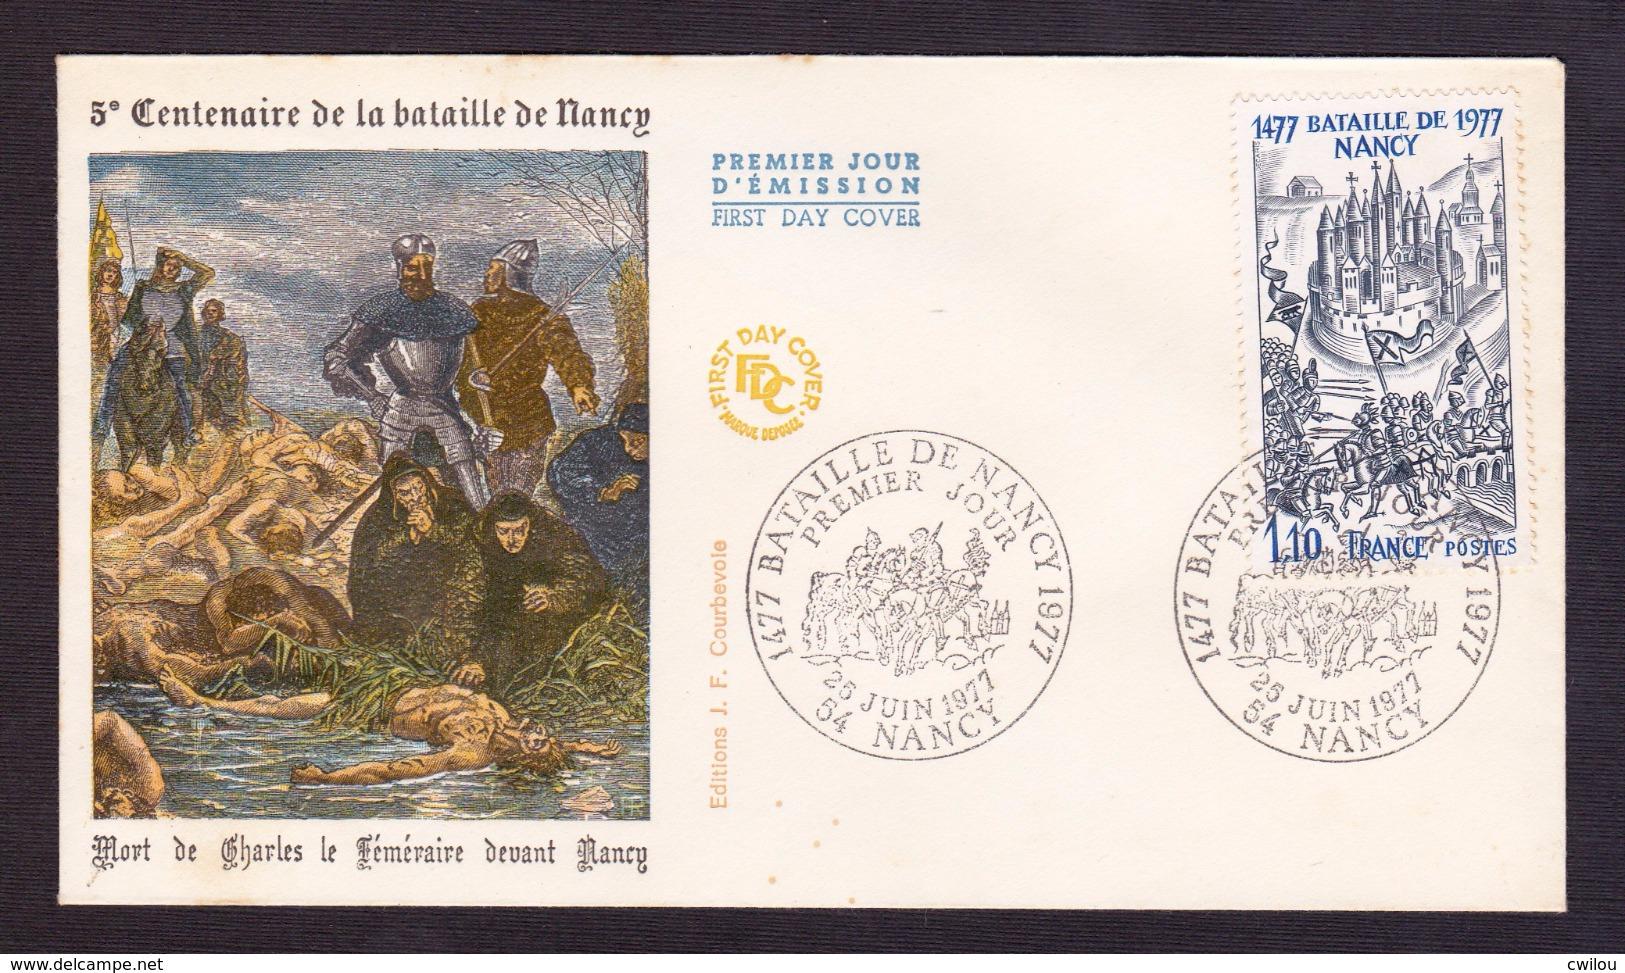 ENVELOPPE PREMIER JOUR - CENTENAIRE DE LA BATAILLE DE NANCY - 25 JUIN 1977 - FDC